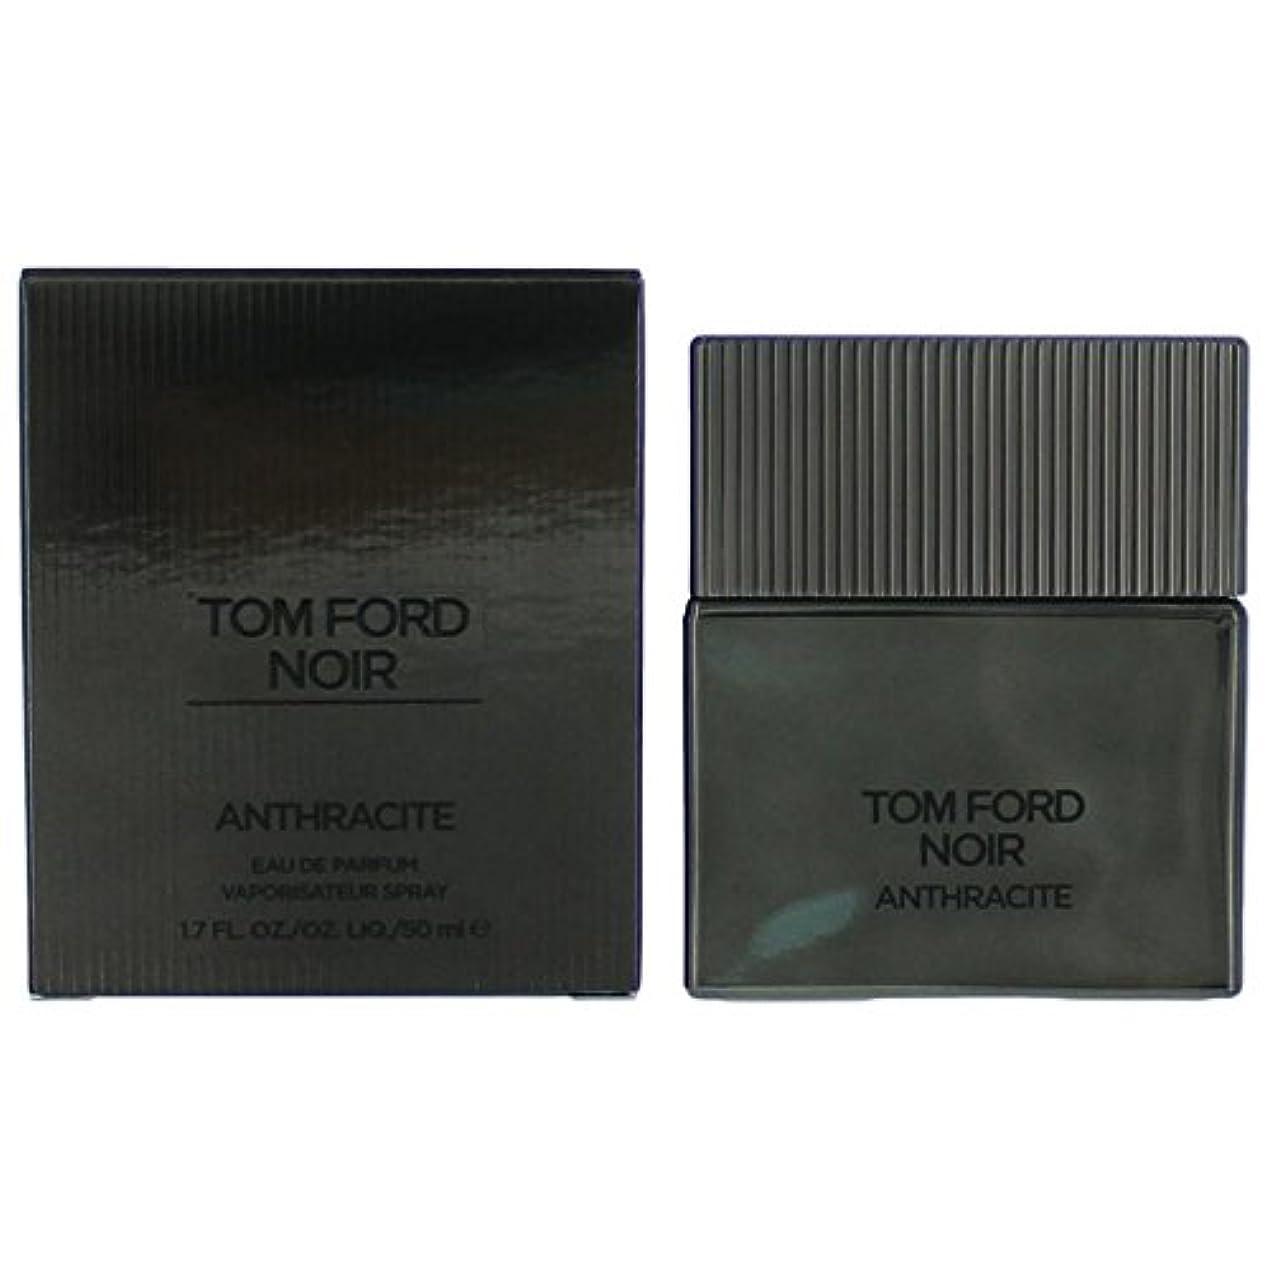 サーカス知り合いになる前進Tom Ford Noir Anthracite (トムフォード ノワール アンソラシット) 1.7 oz (50ml) EDP Spray for Men